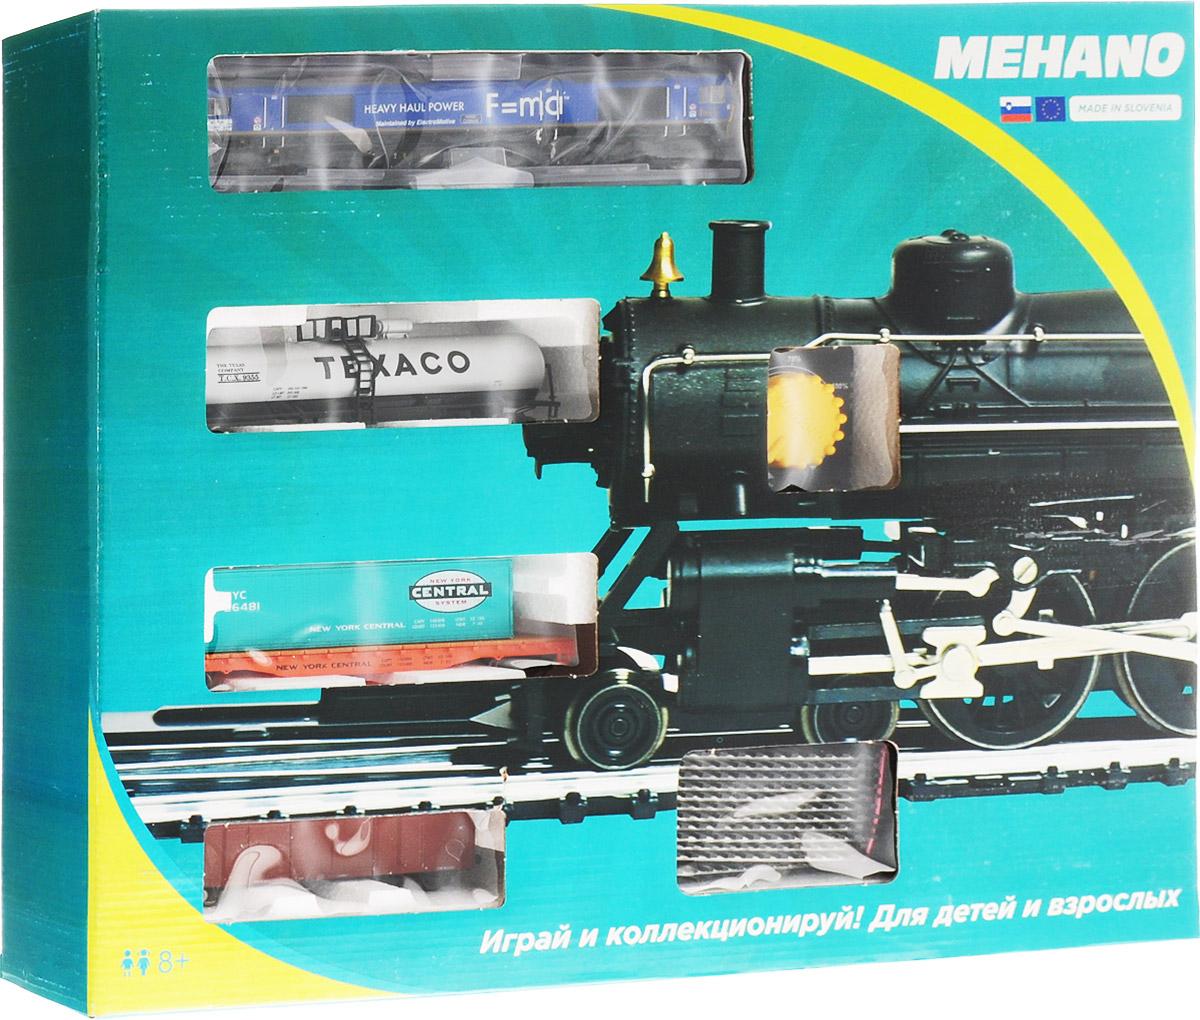 Mehano Железная дорога Prestige c тепловозом GM EMD CL77 - Железные дороги